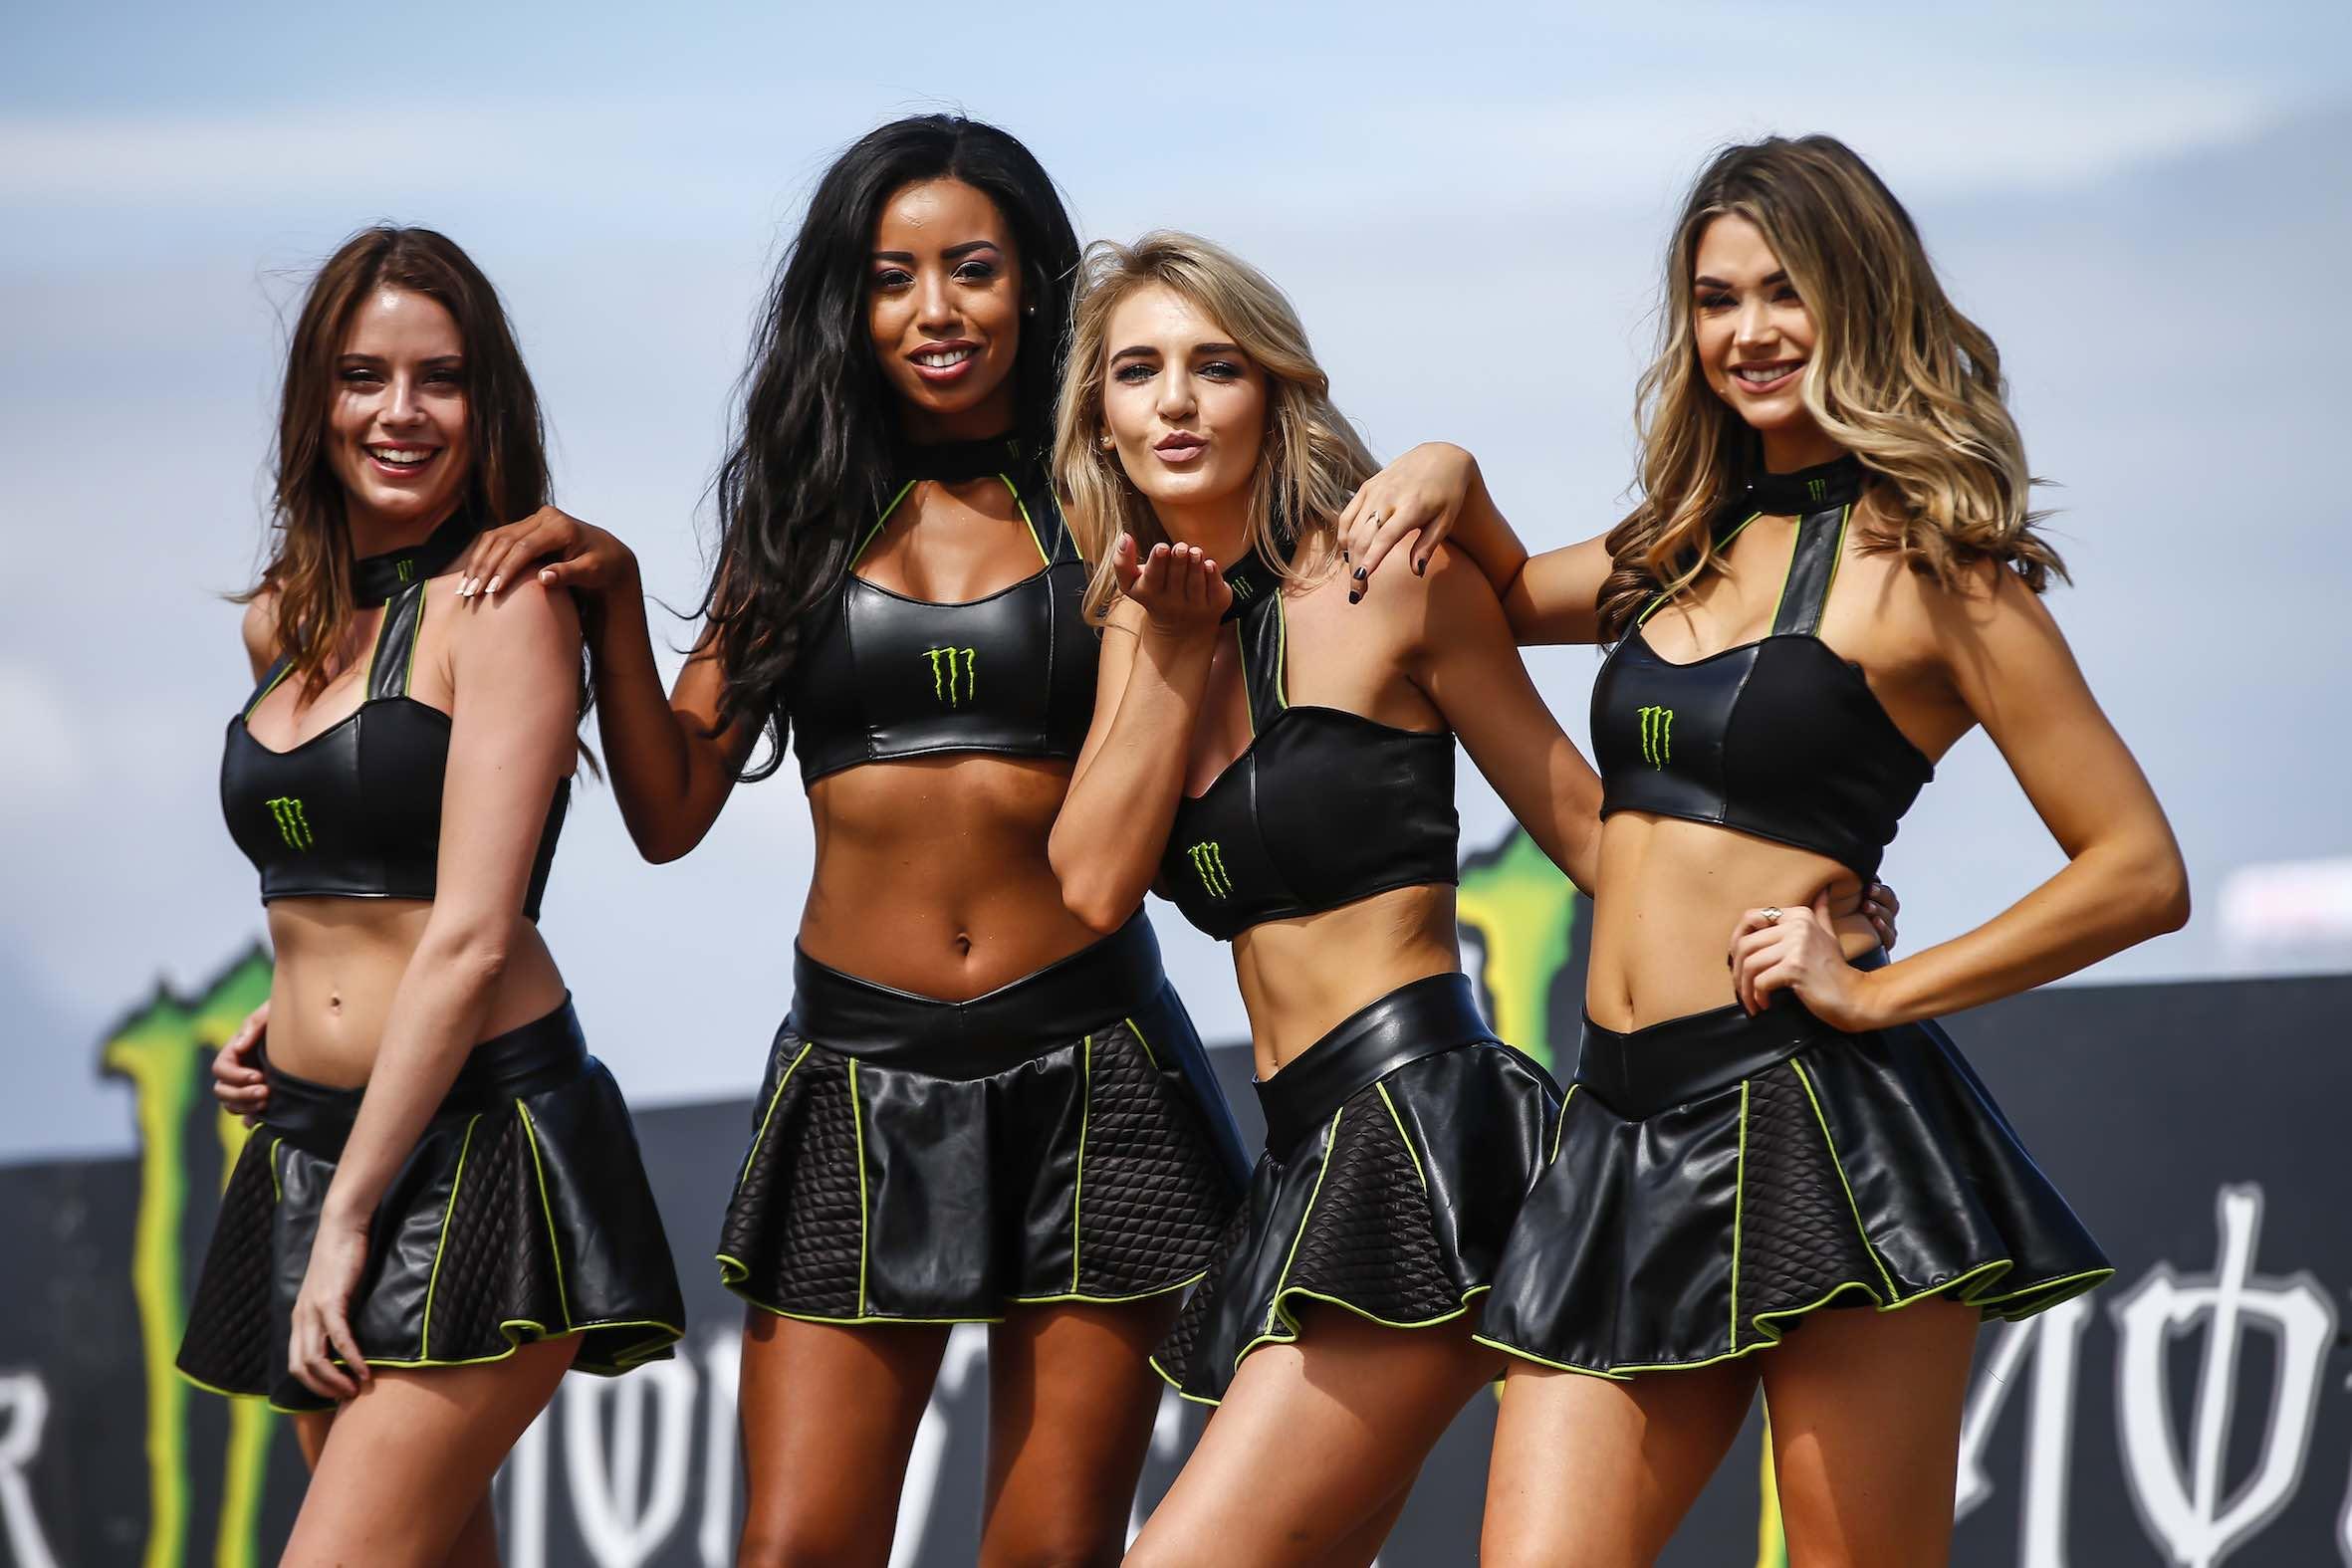 Monster Energy girls at the 2018 SA Bike Fest